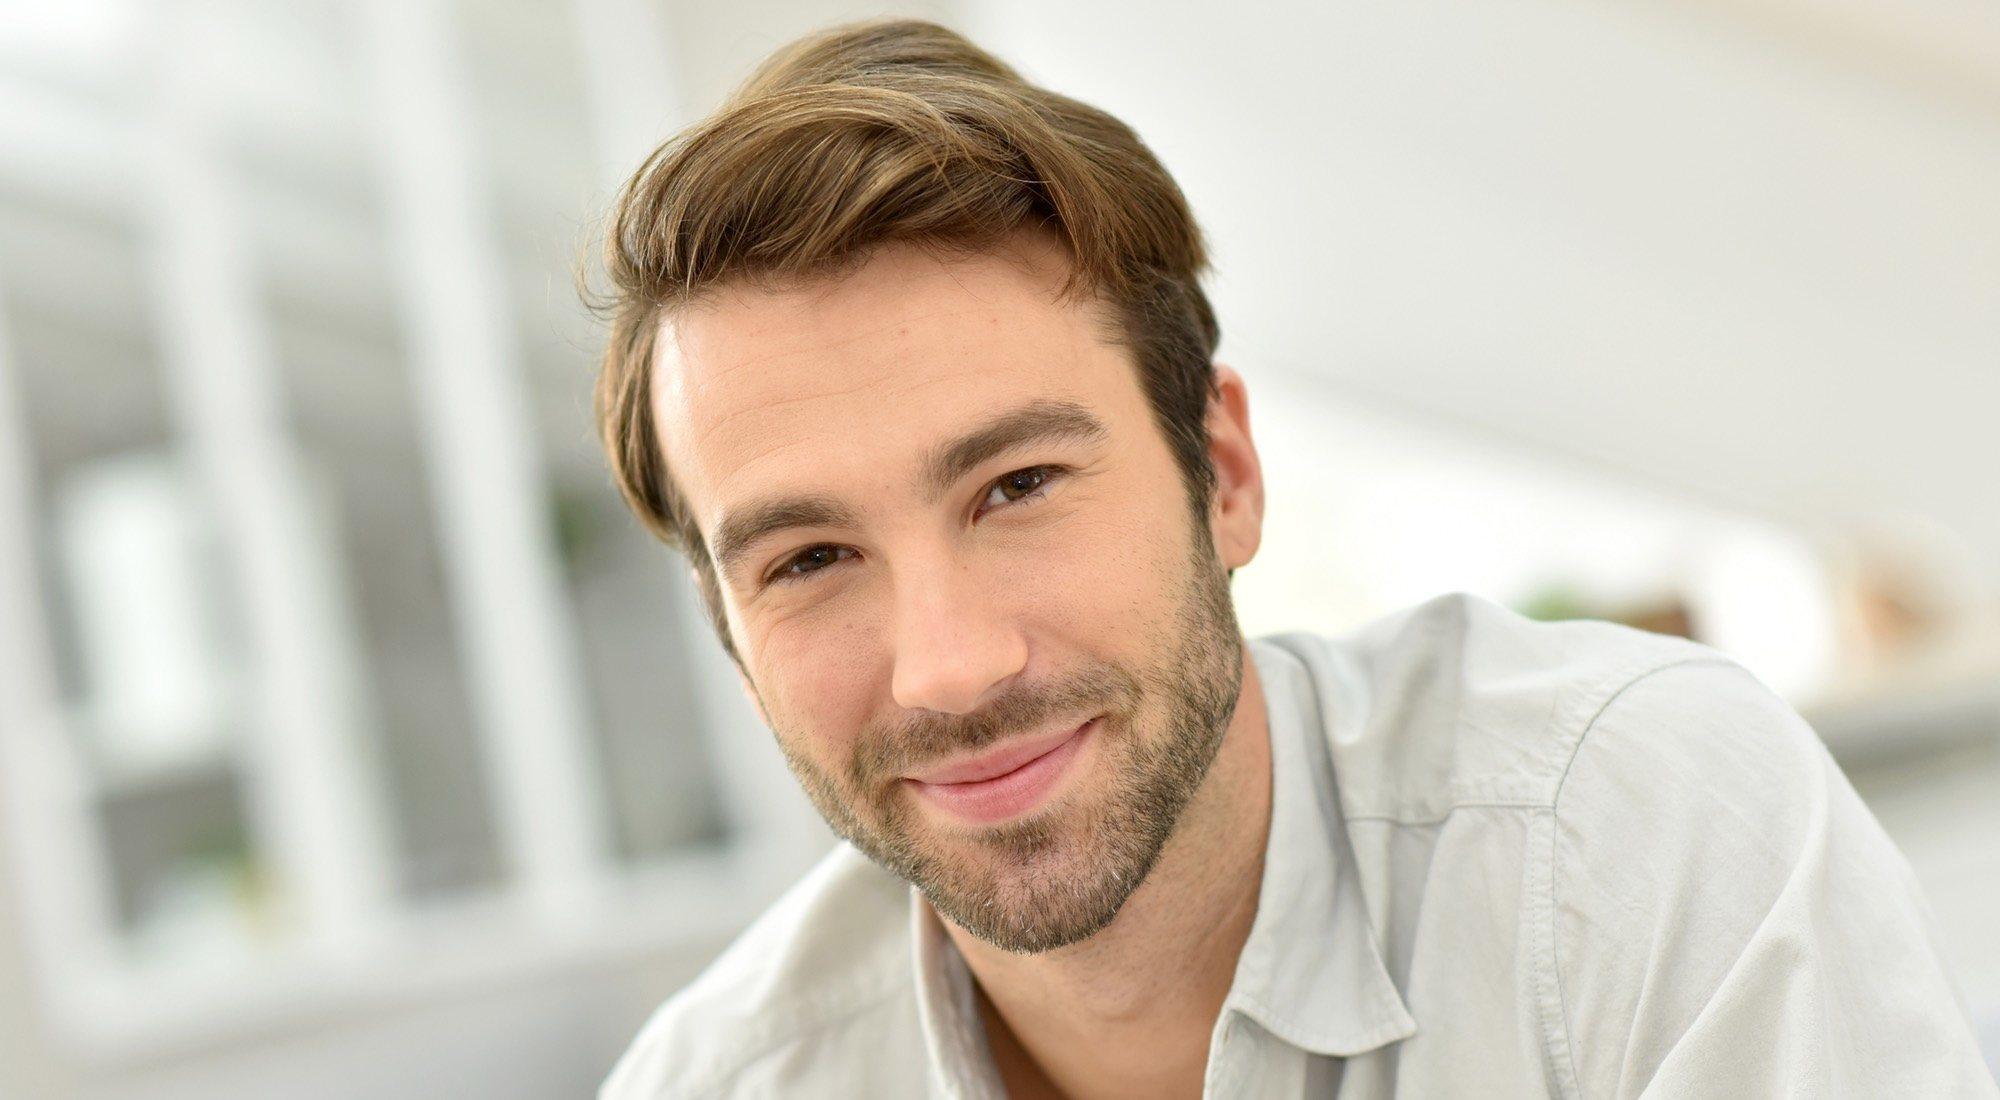 Rutinas de ejercicios para bajar de peso hombres guapos